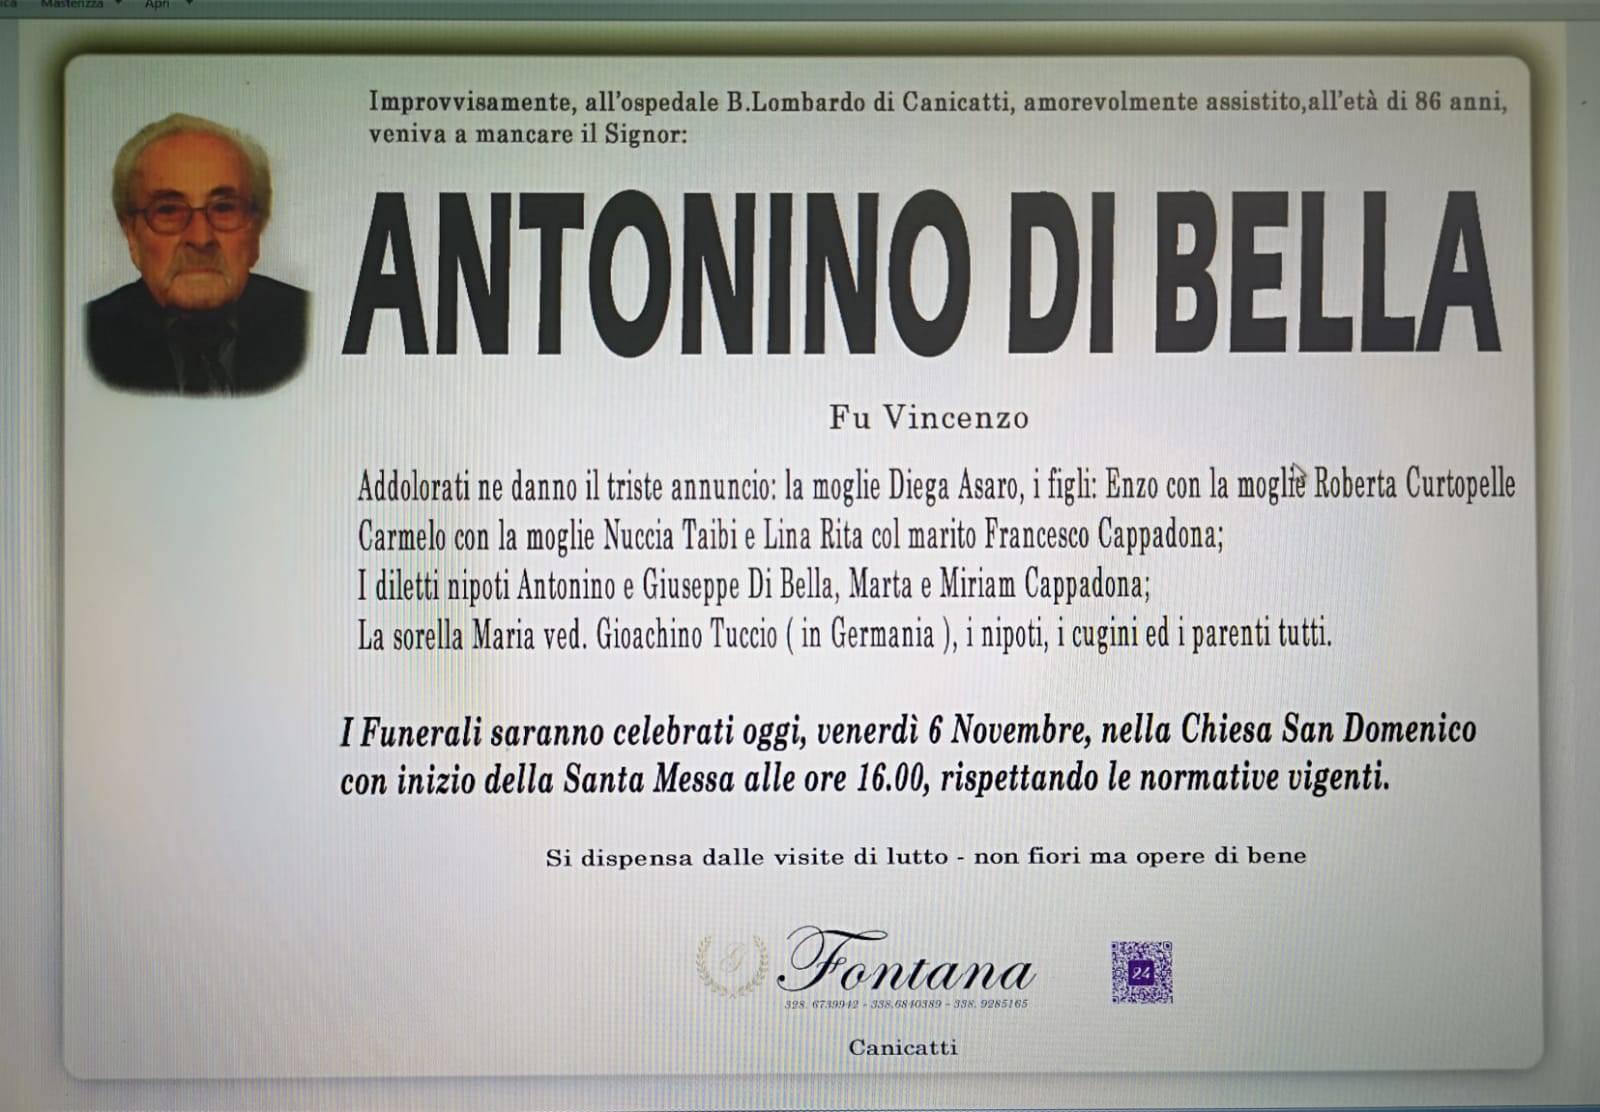 Antonino Di Bella